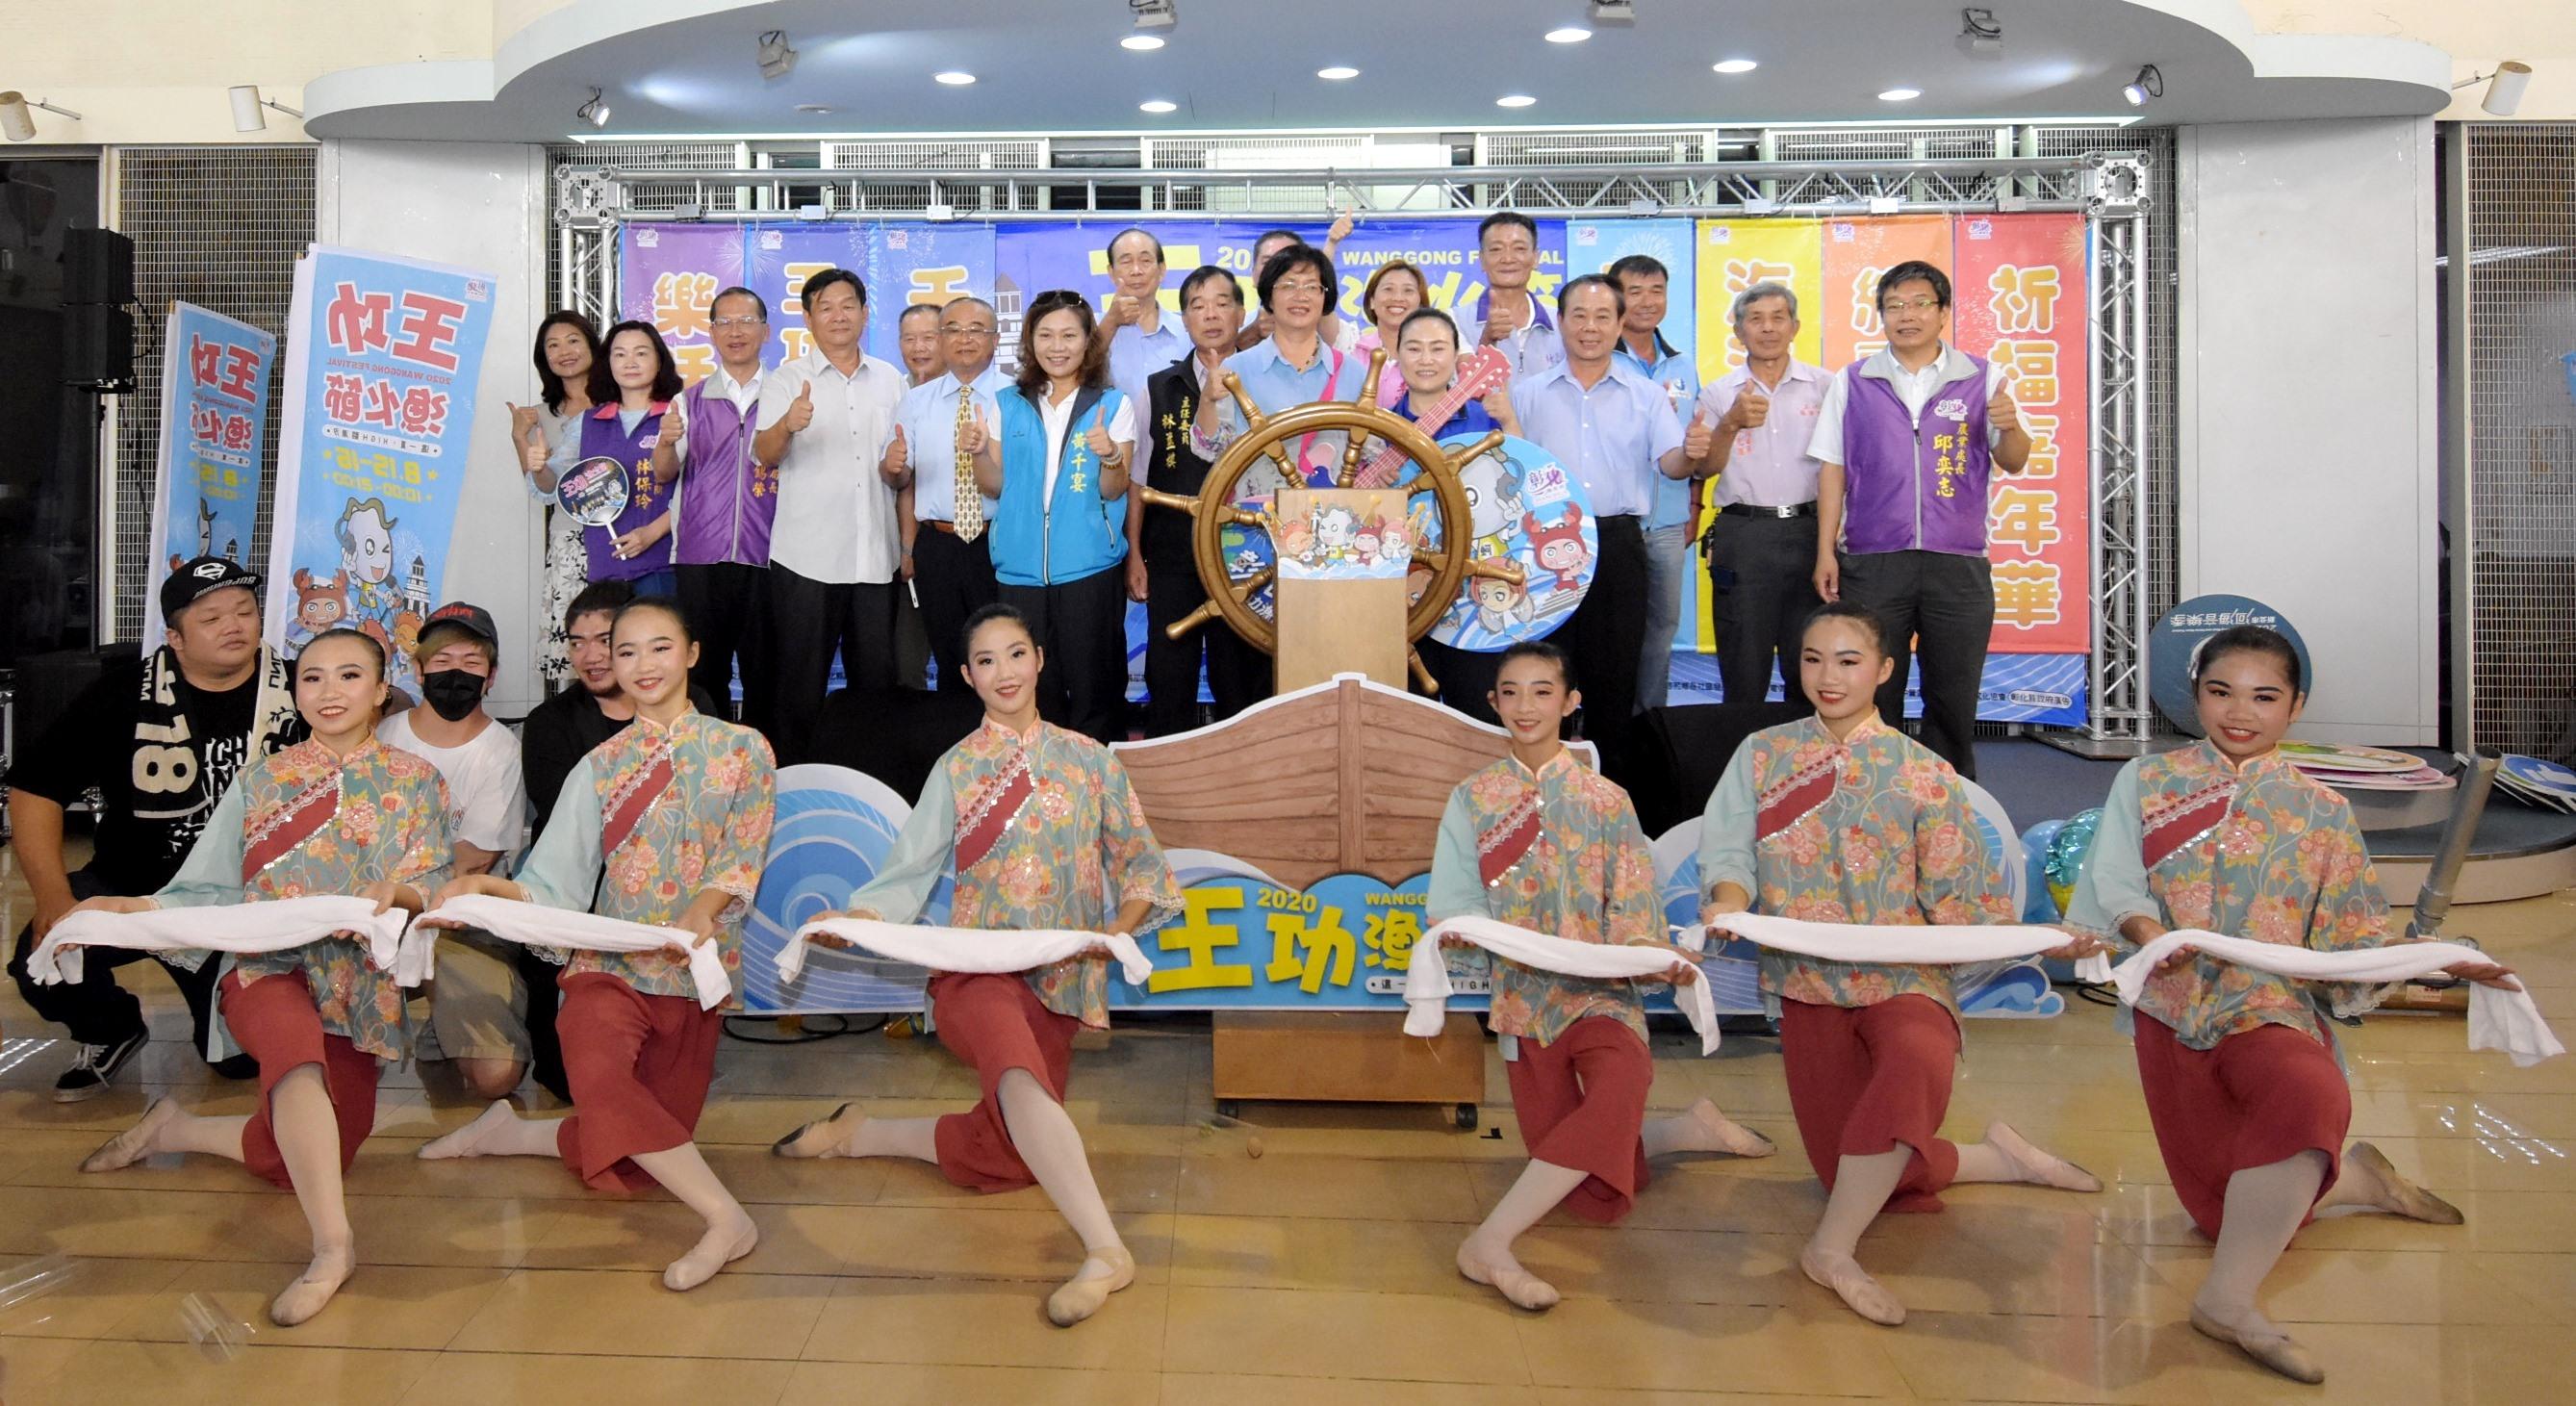 王功漁火節8/15‧8/16登場  歡迎來彰化歡樂一夏